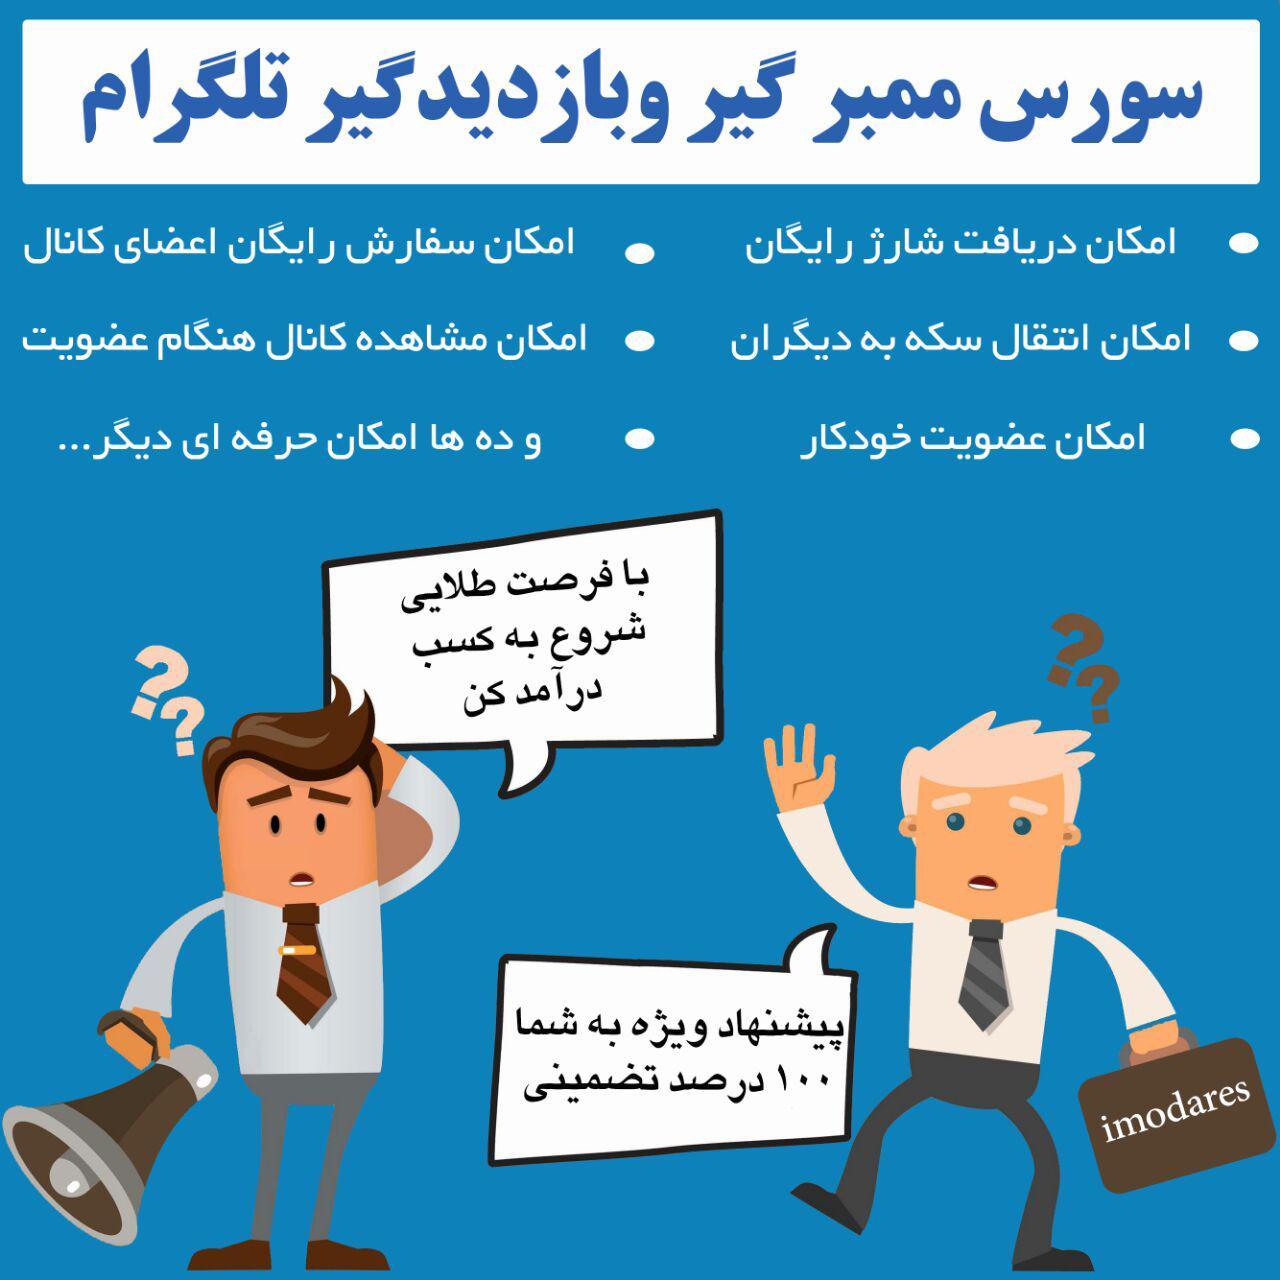 سورس پیشرفته ممبرگیر و بازدیدگیر تلگرام کامل +آموزش ویدیویی فارسی